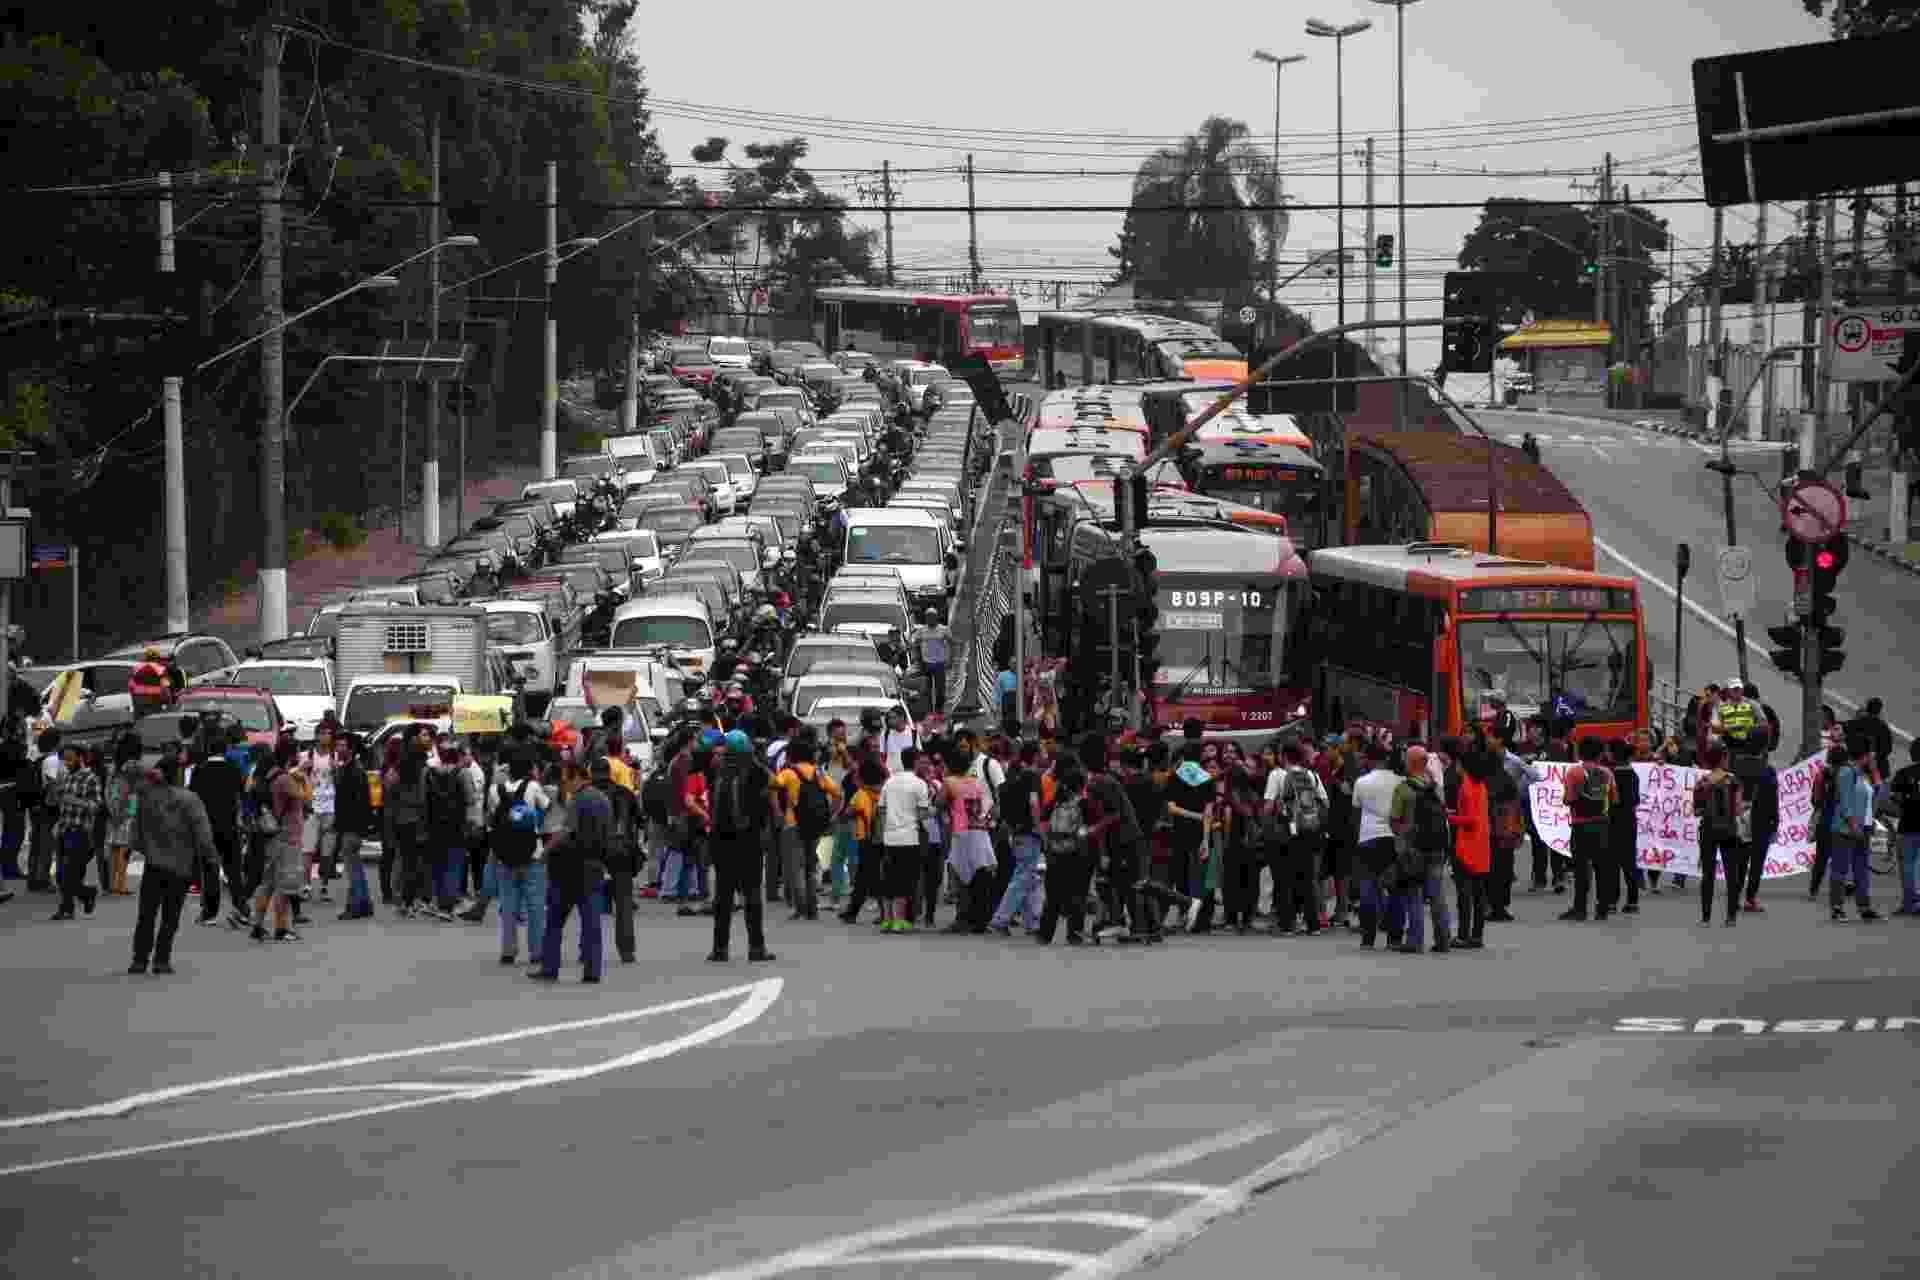 4.dez.2015 - Estudantes fecham rua a avenida Francisco Morato, na zona oeste de São Paulo, em mais um dia de protestos contra a reorganização escolar - Renato Ribeiro/Futura Press/Estadão Conteúdo